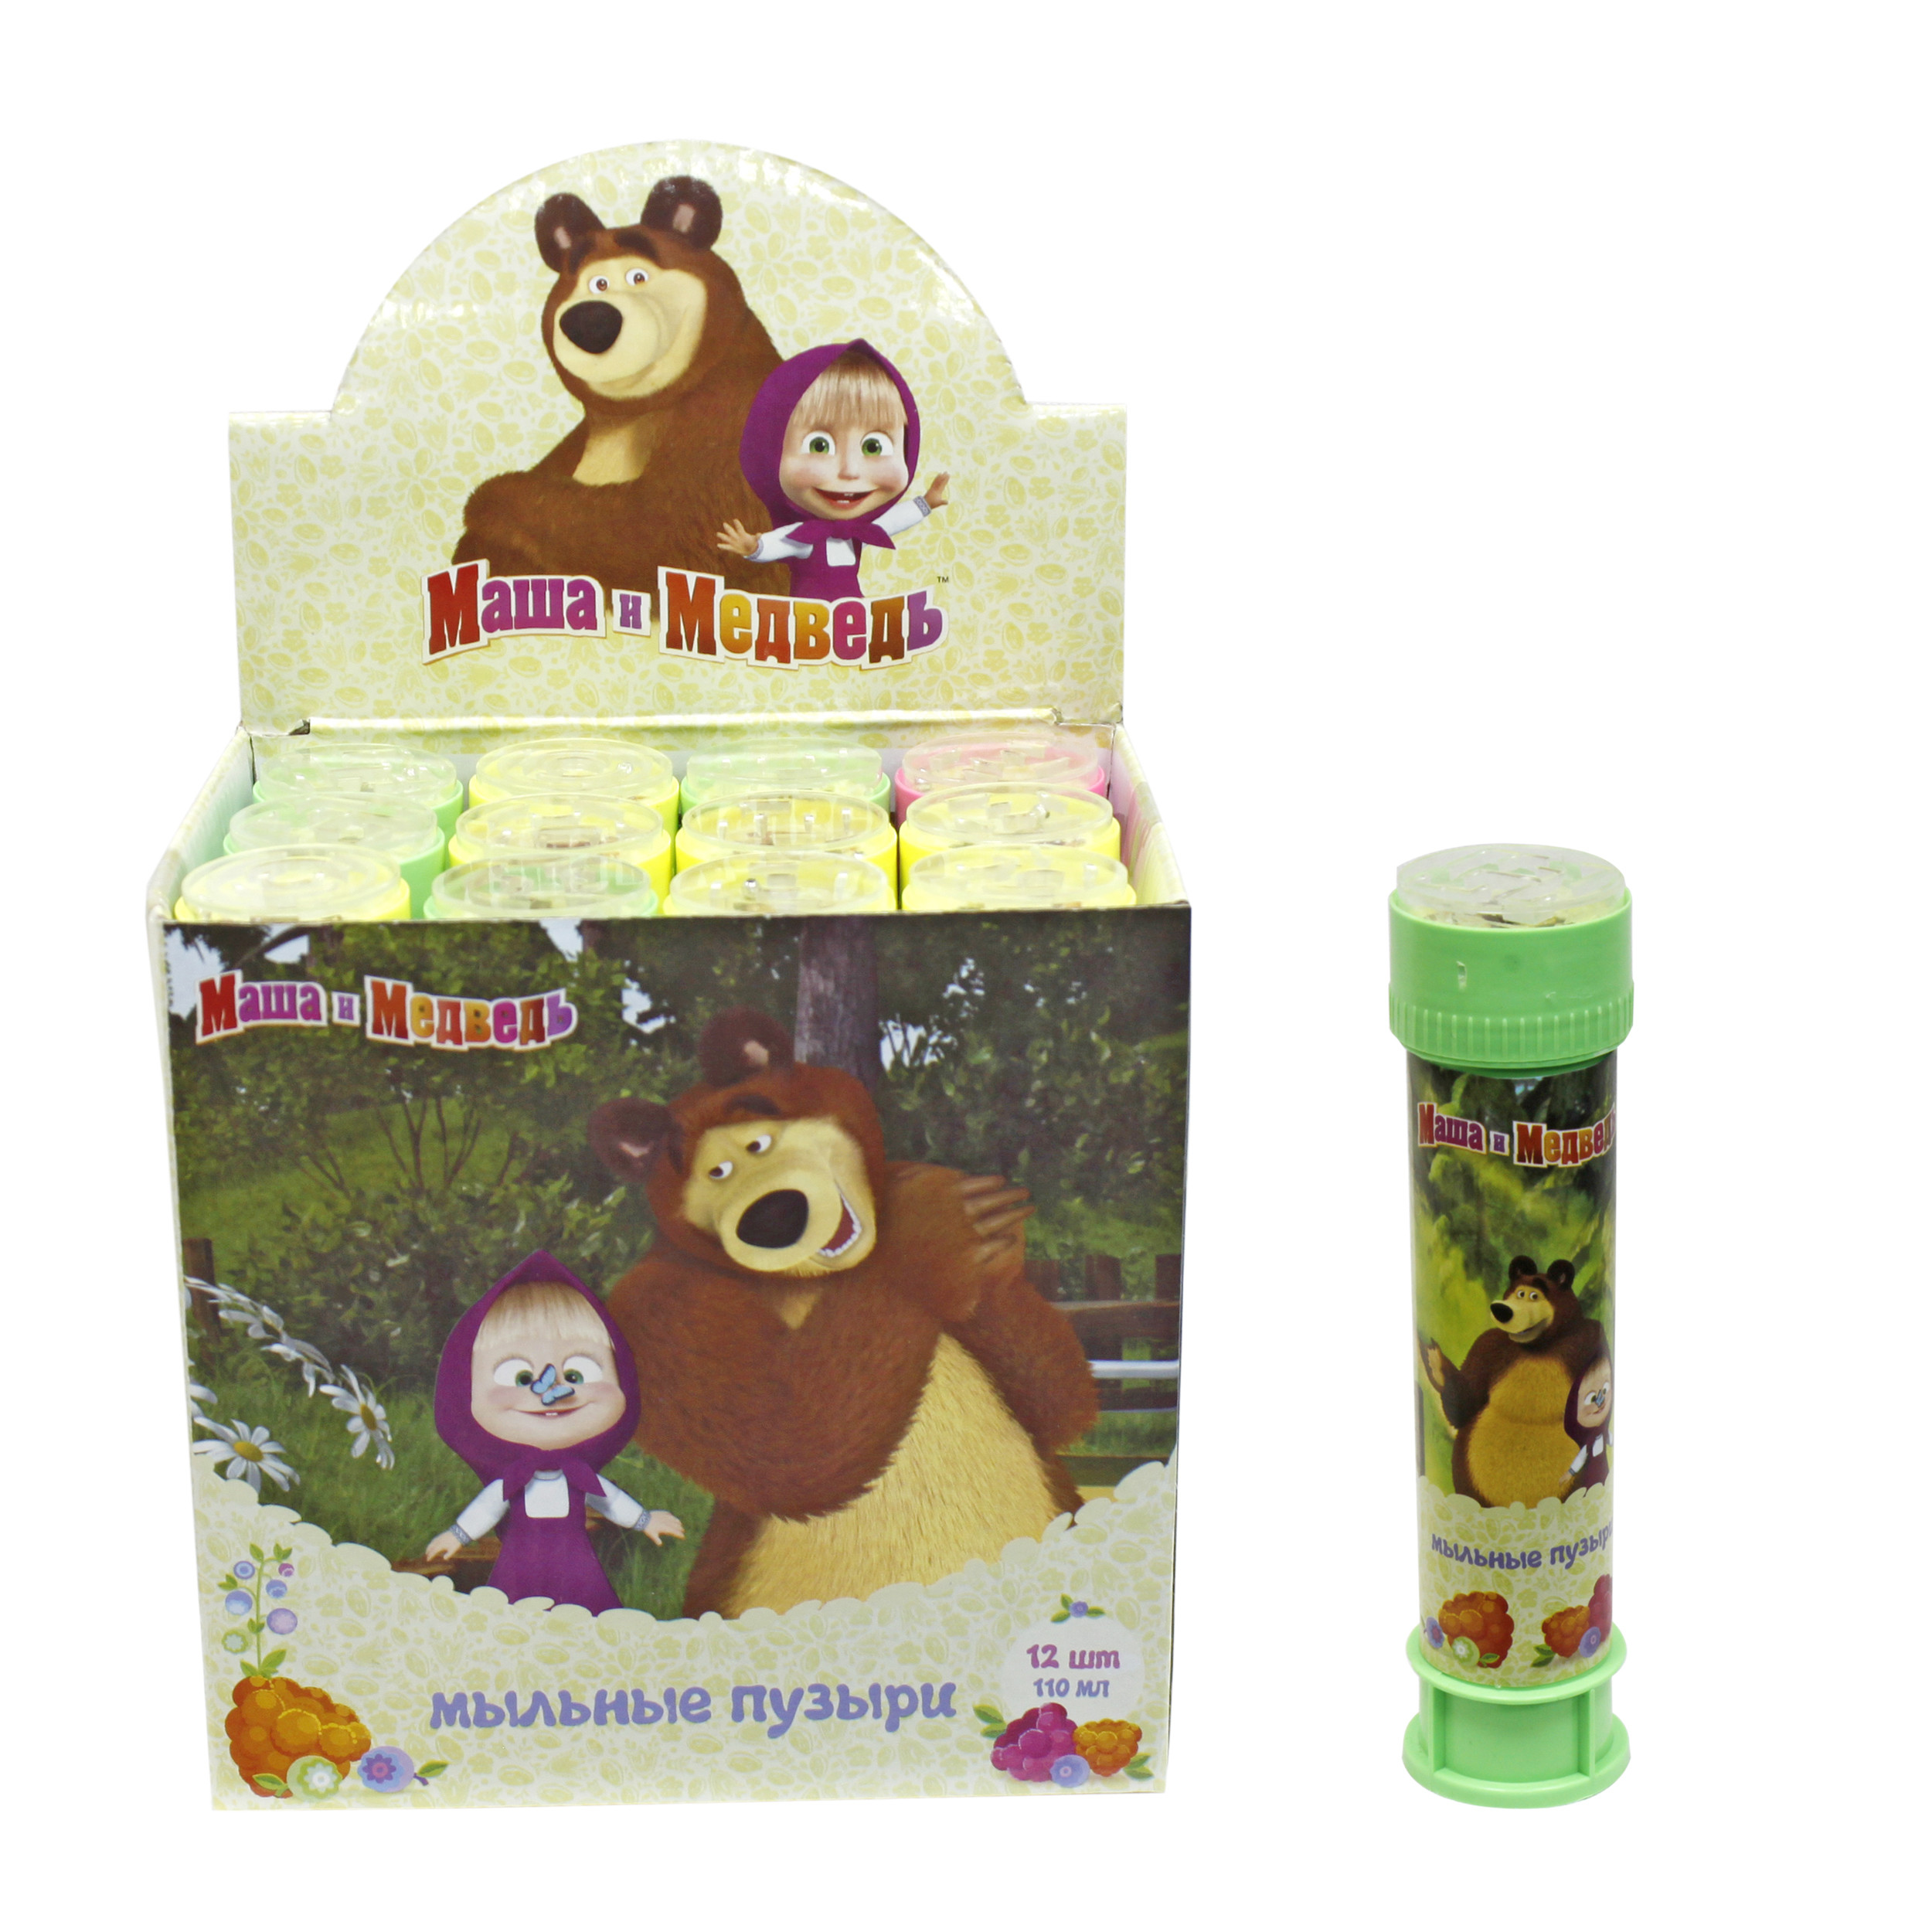 цена на Мыльные пузыри 1toy Маша и Медведь